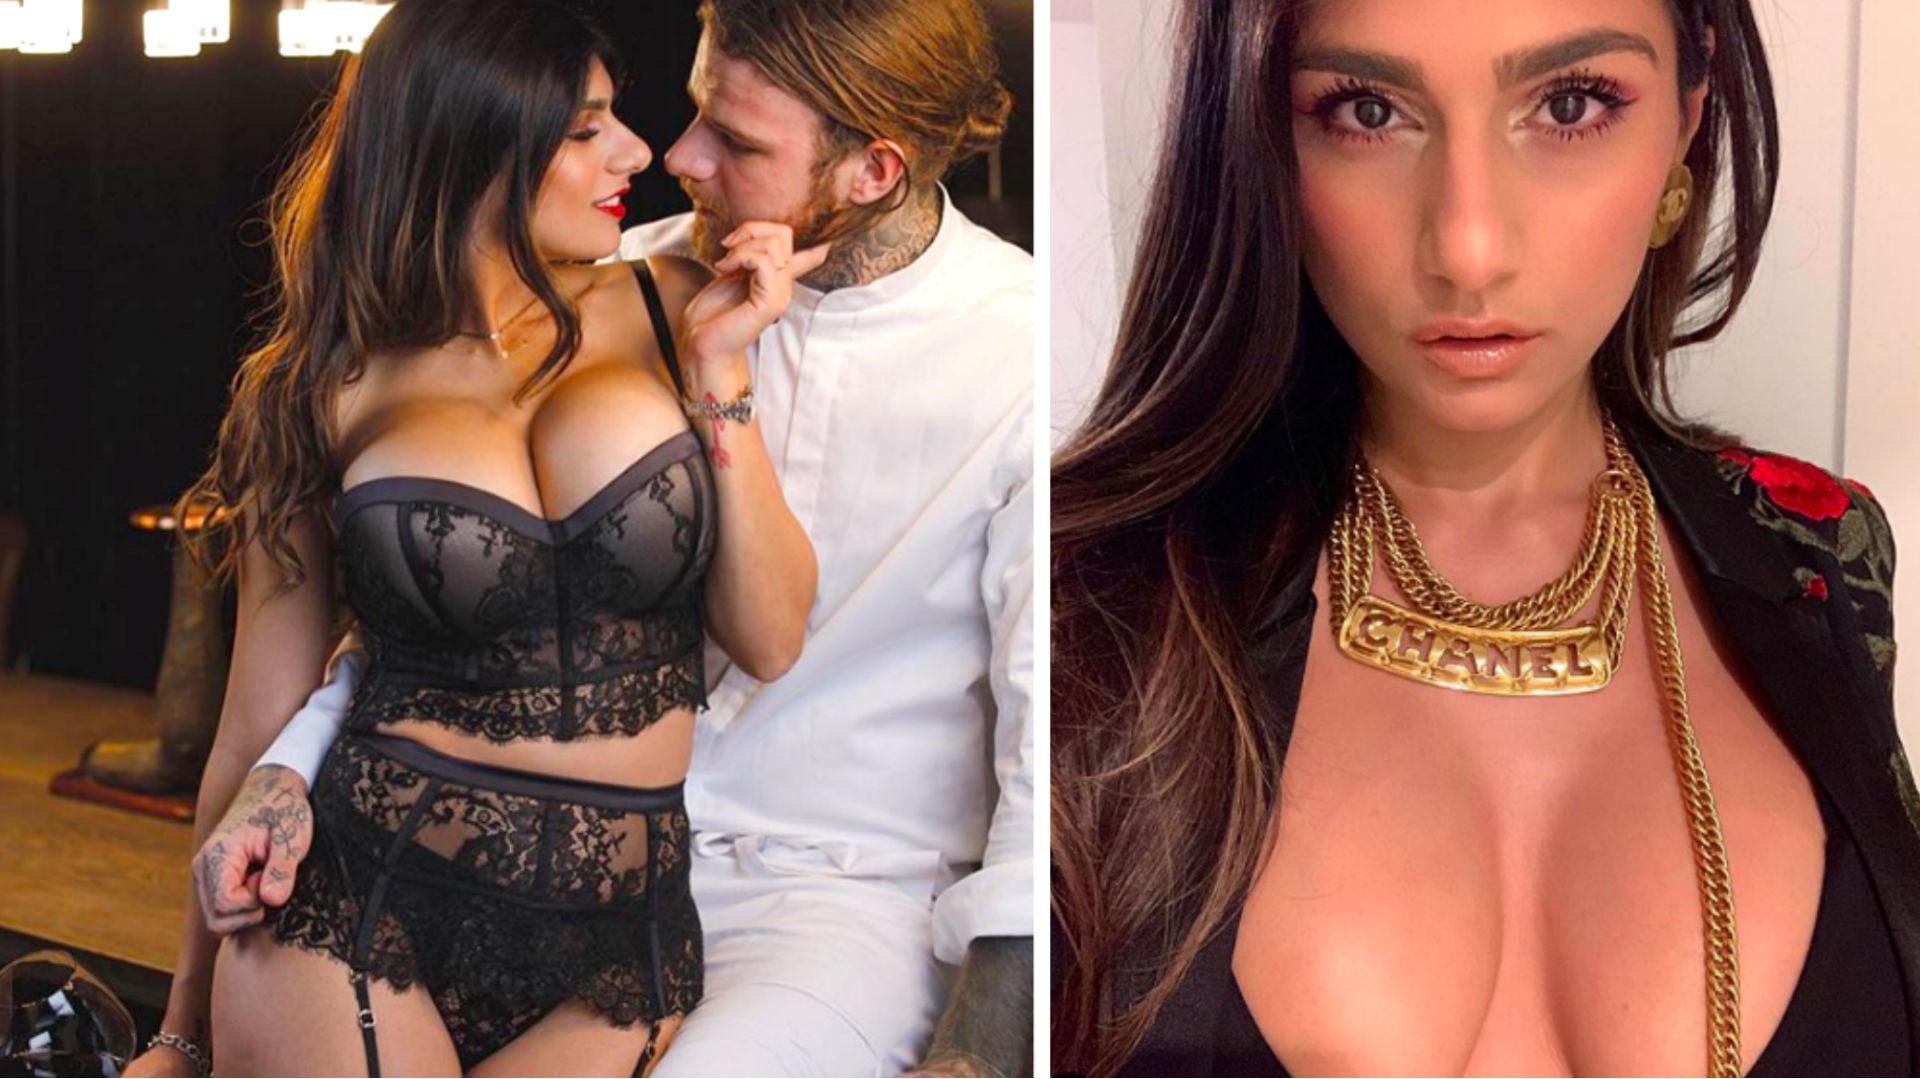 10 Famosas Que Llegaron A Actriz Porno la ex actriz porno mia khalifa presume su celulitis y así